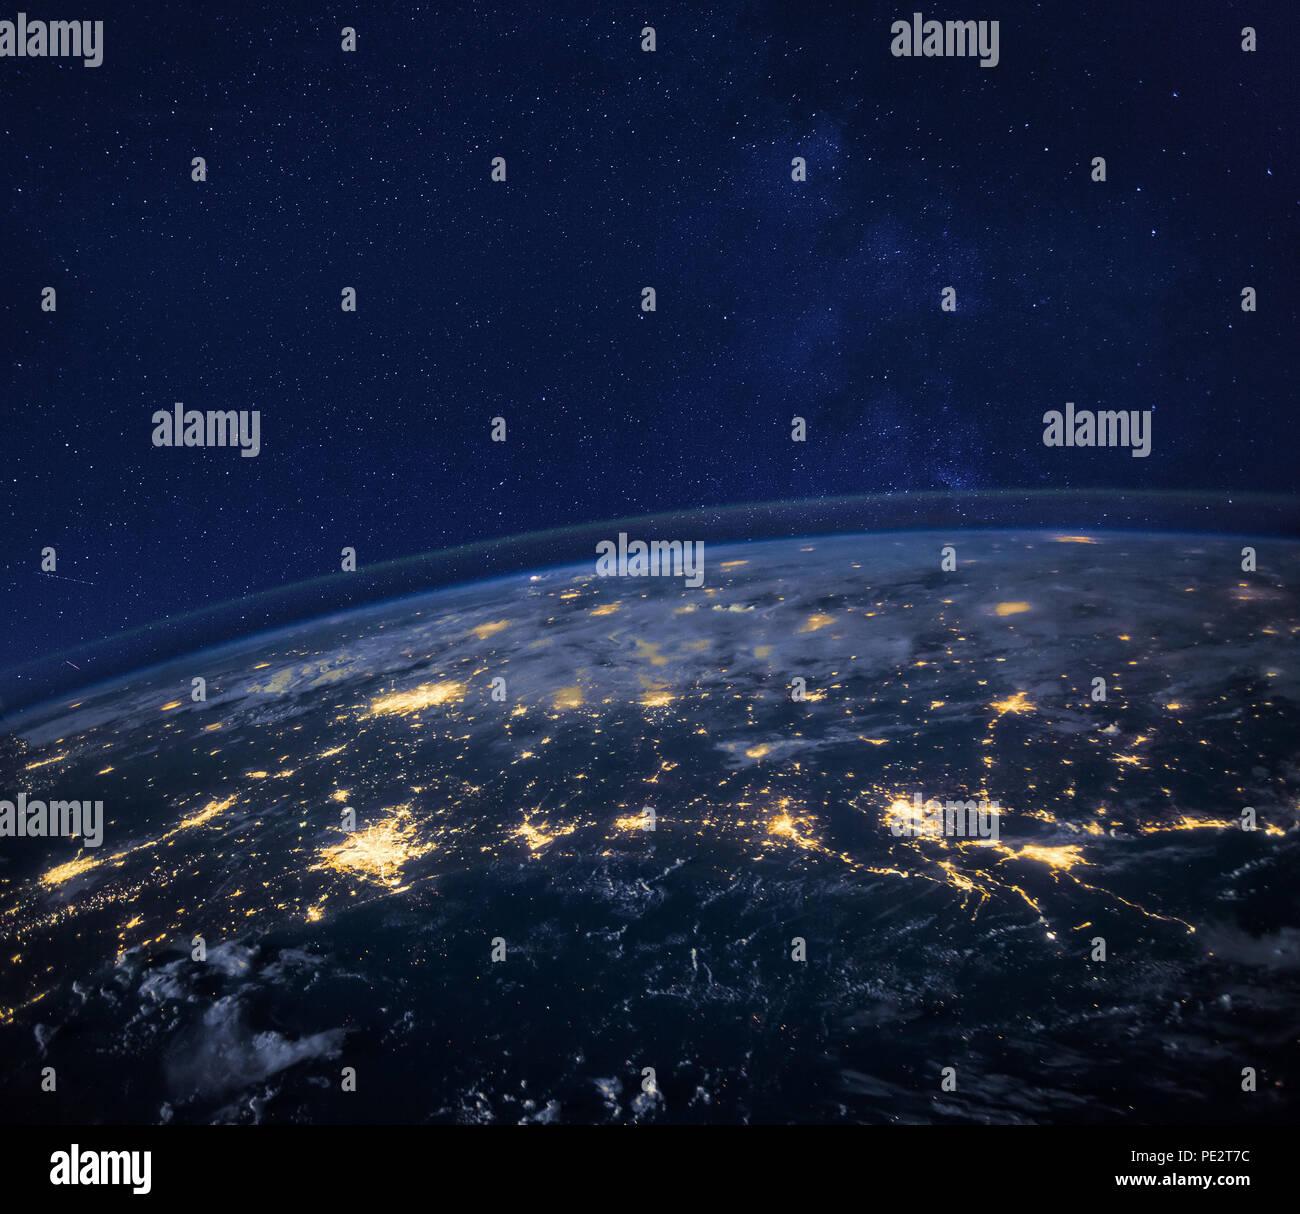 Vue de nuit sur la planète Terre depuis l'espace, beau fonds de feux et d'étoiles, Close up, l'image d'origine fourni par la NASA Photo Stock